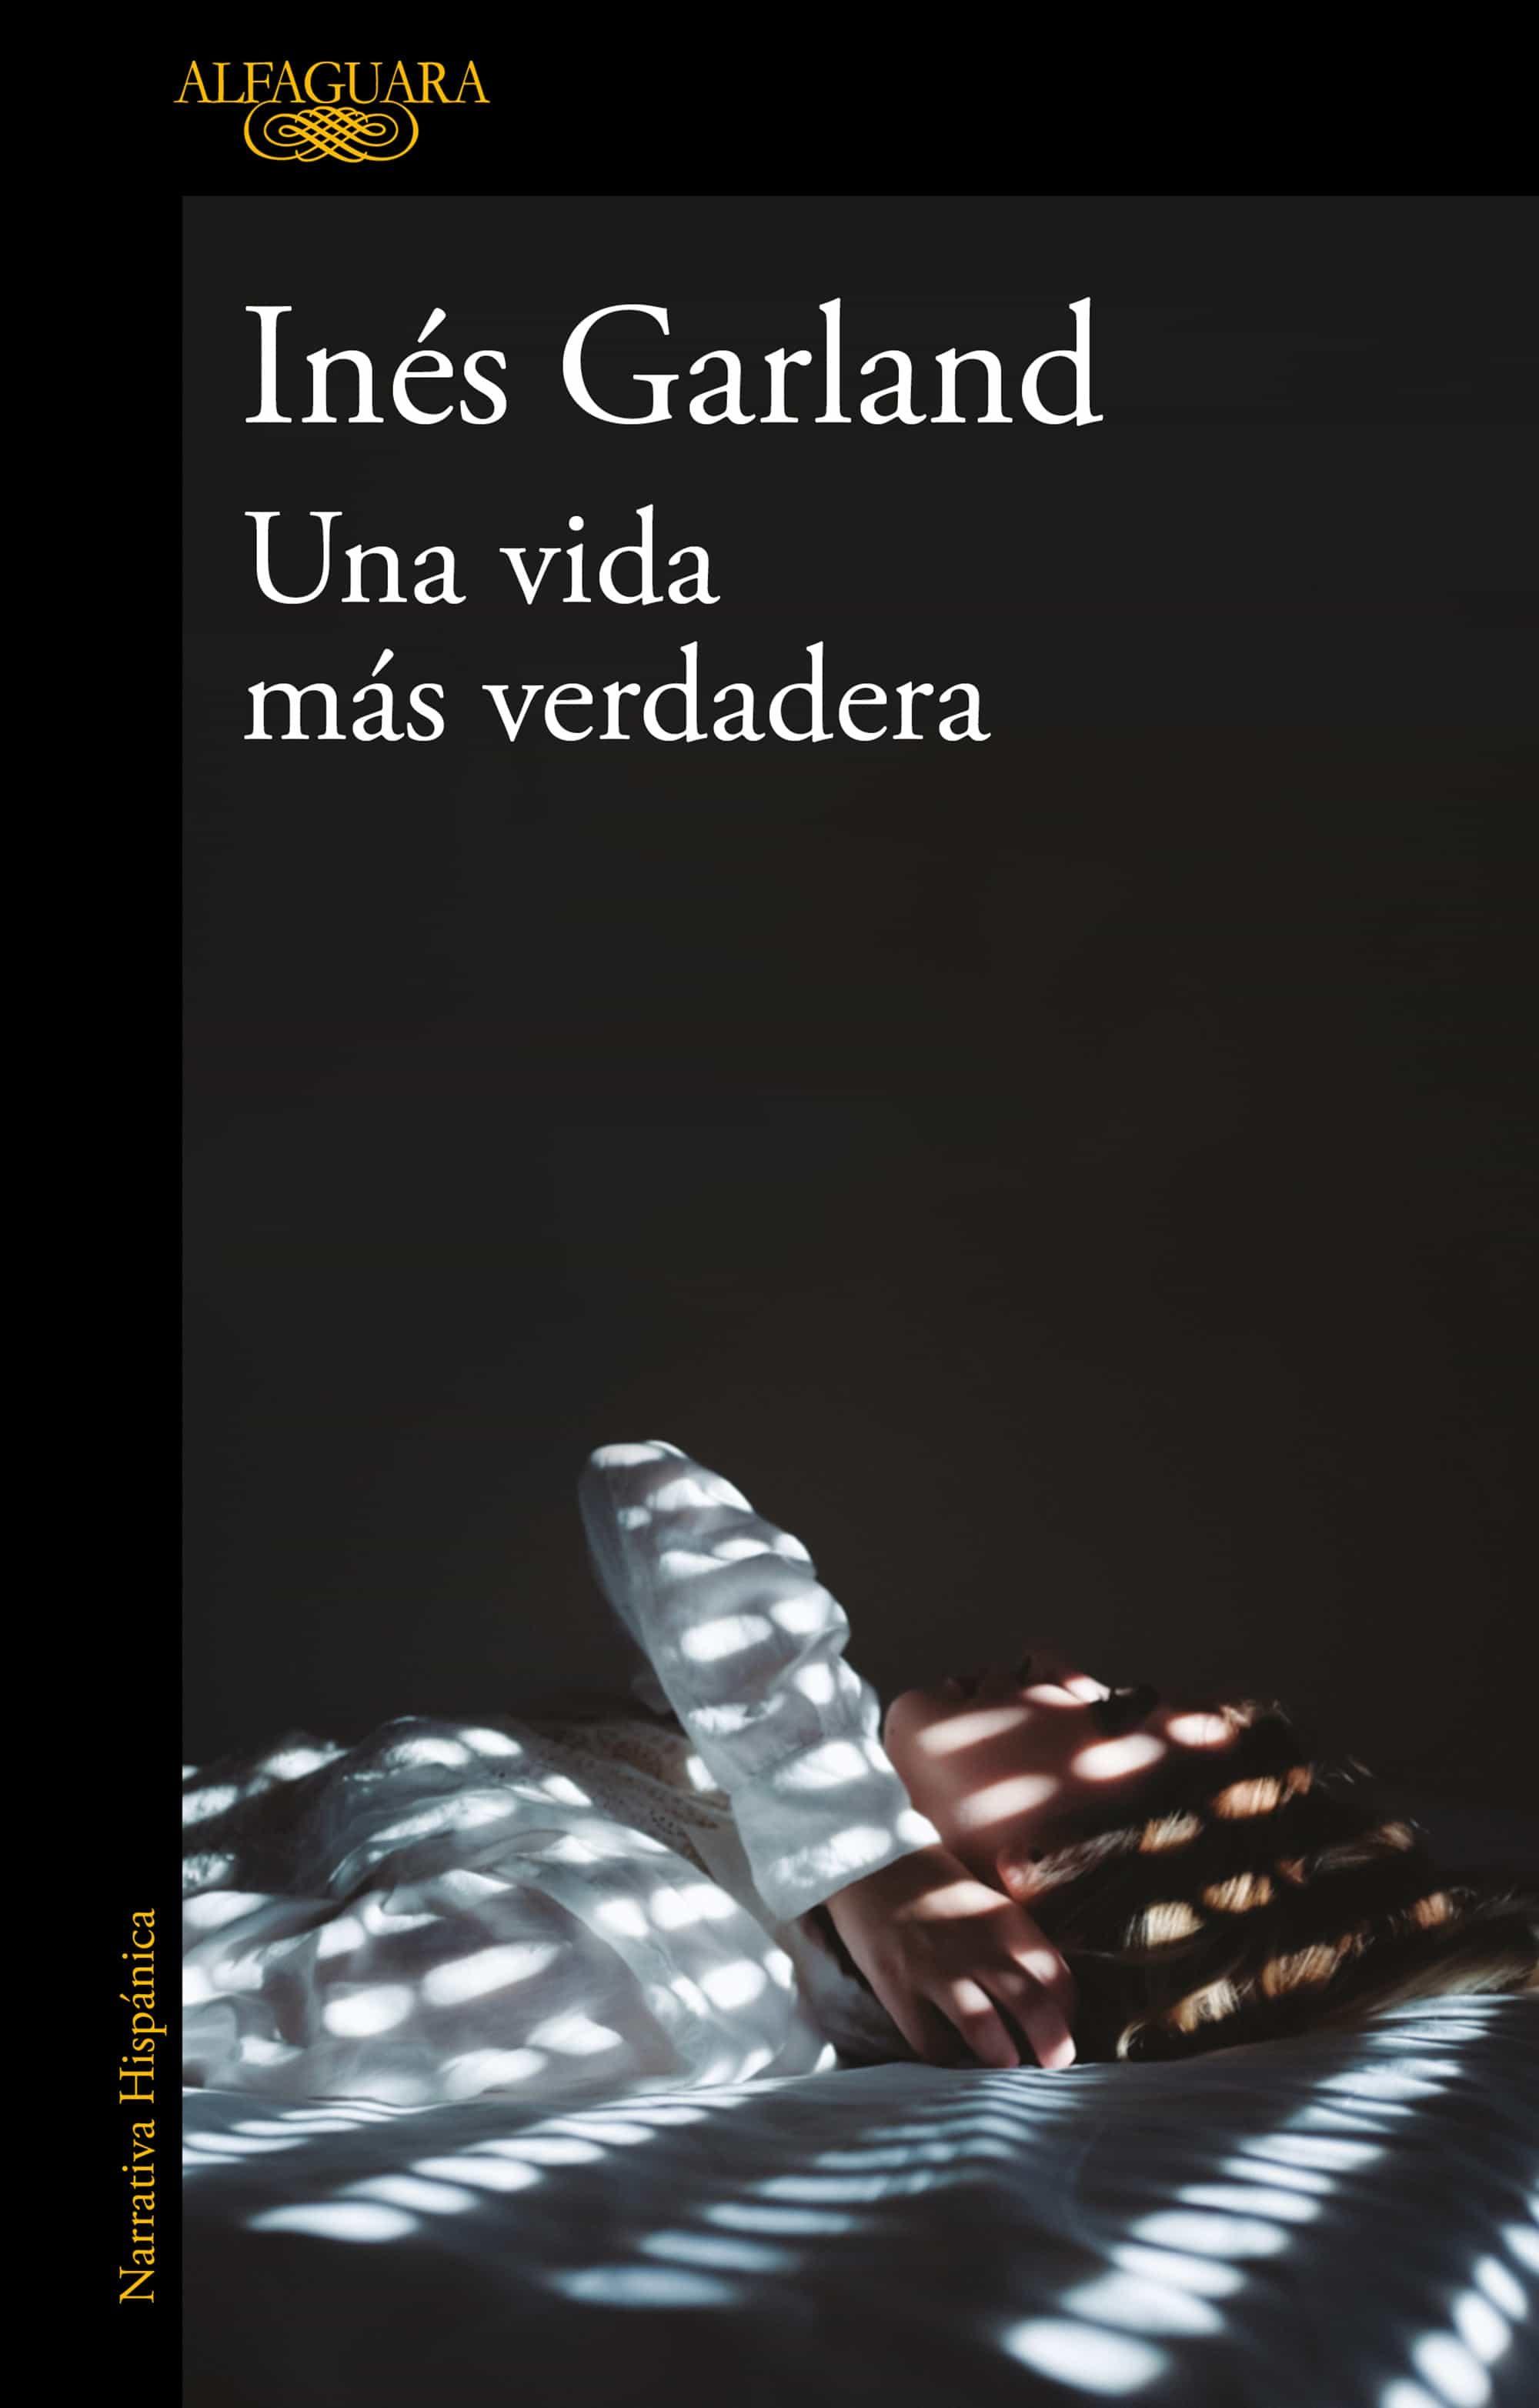 Una vida más verdadera - Inés Garland 9789877383577